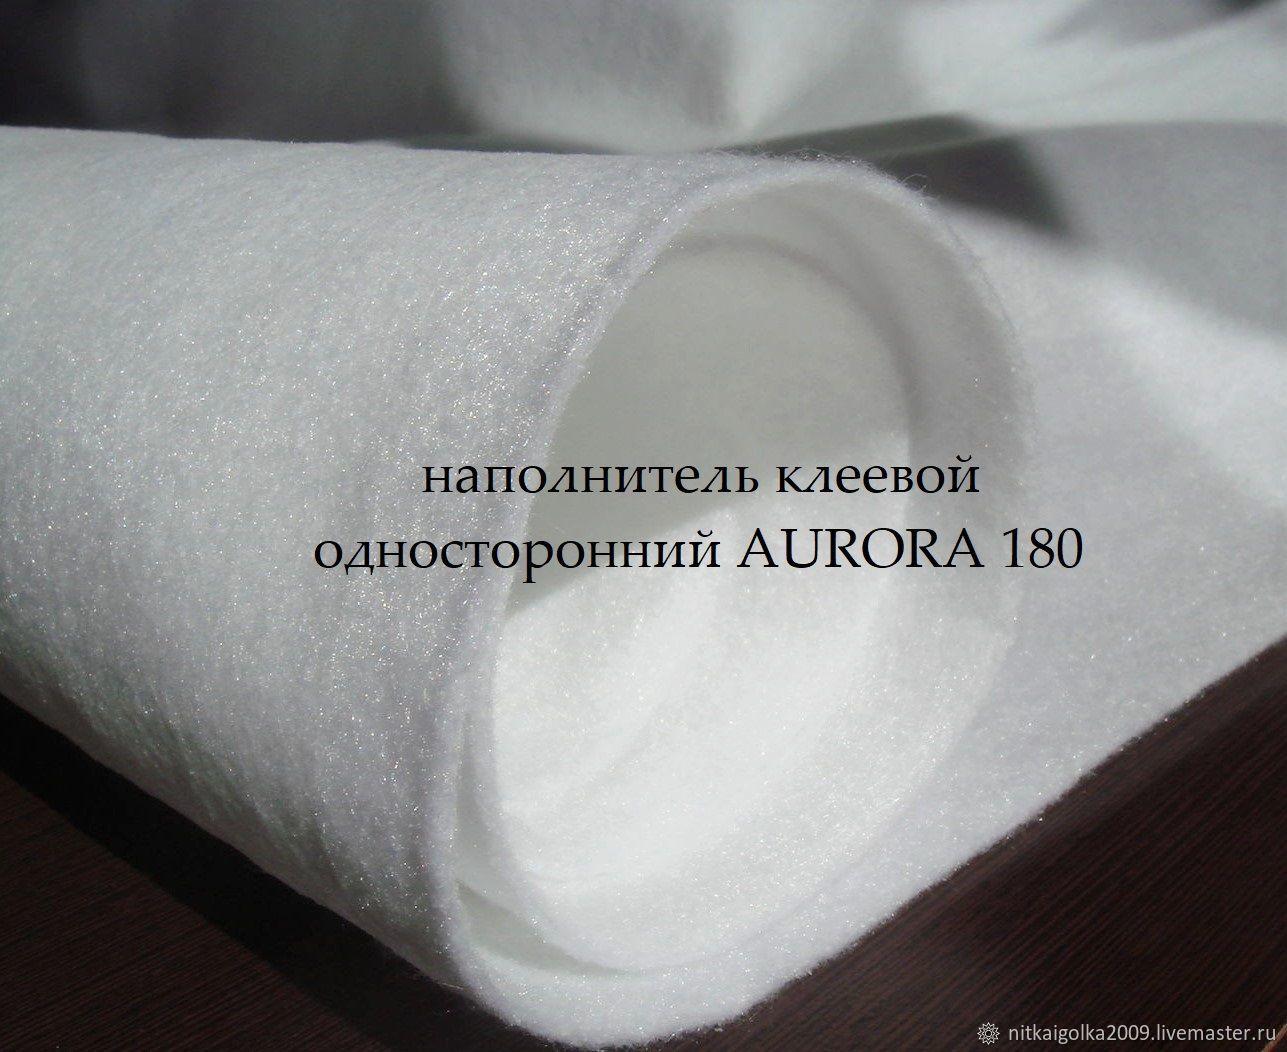 Наполнитель клеевой односторонний AURORA180, Материалы, Липецк,  Фото №1